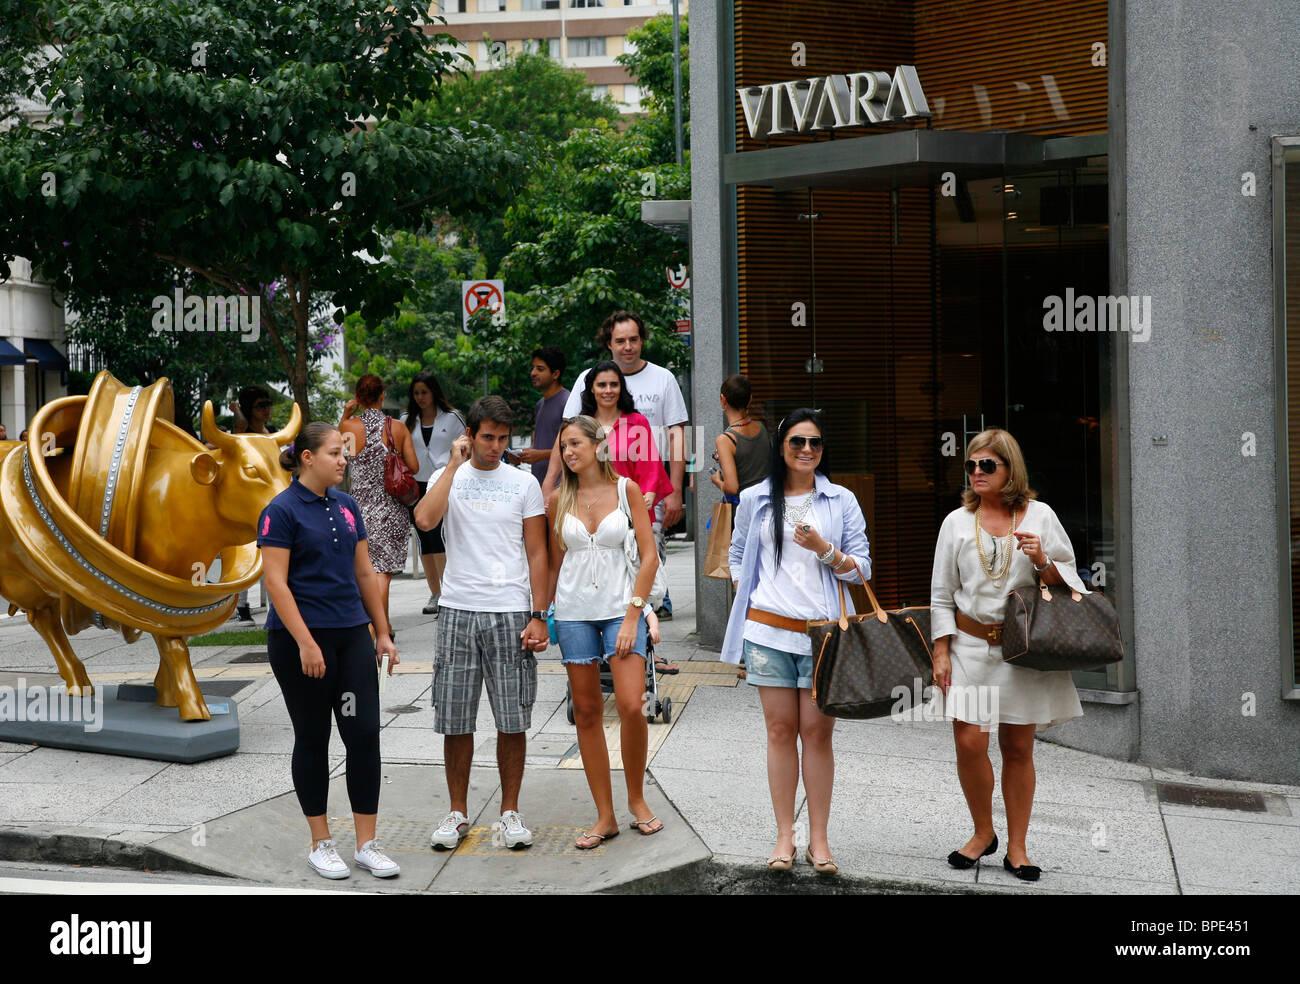 La gente en la calle Rua Oscar Freire, en Sao Paulo, Brasil. Imagen De Stock